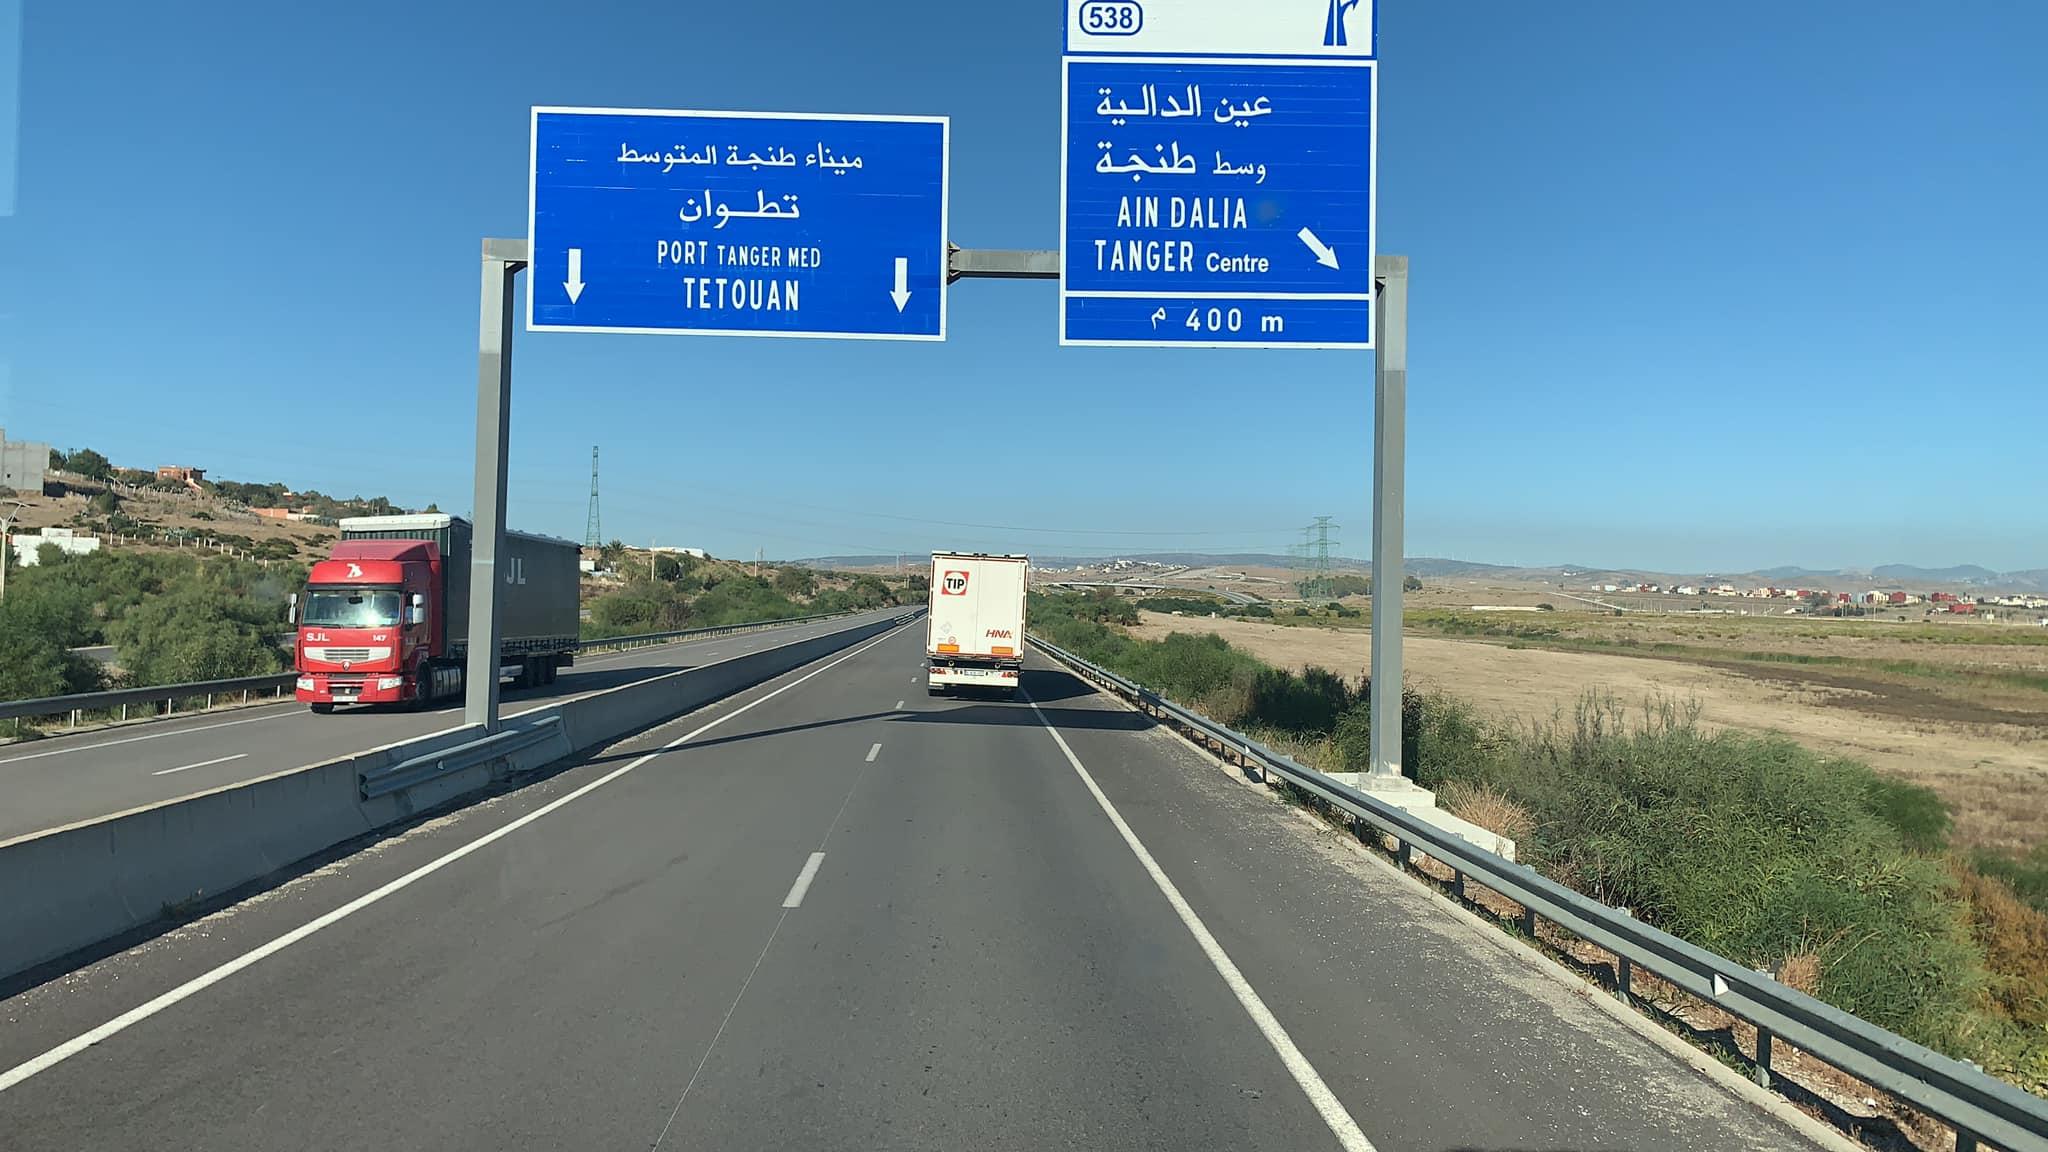 17-1-2020-met-koeler-naar-Marokko-en-met-een-zeilen-oplegger-die-in-Spanje-stond-terug--(16)